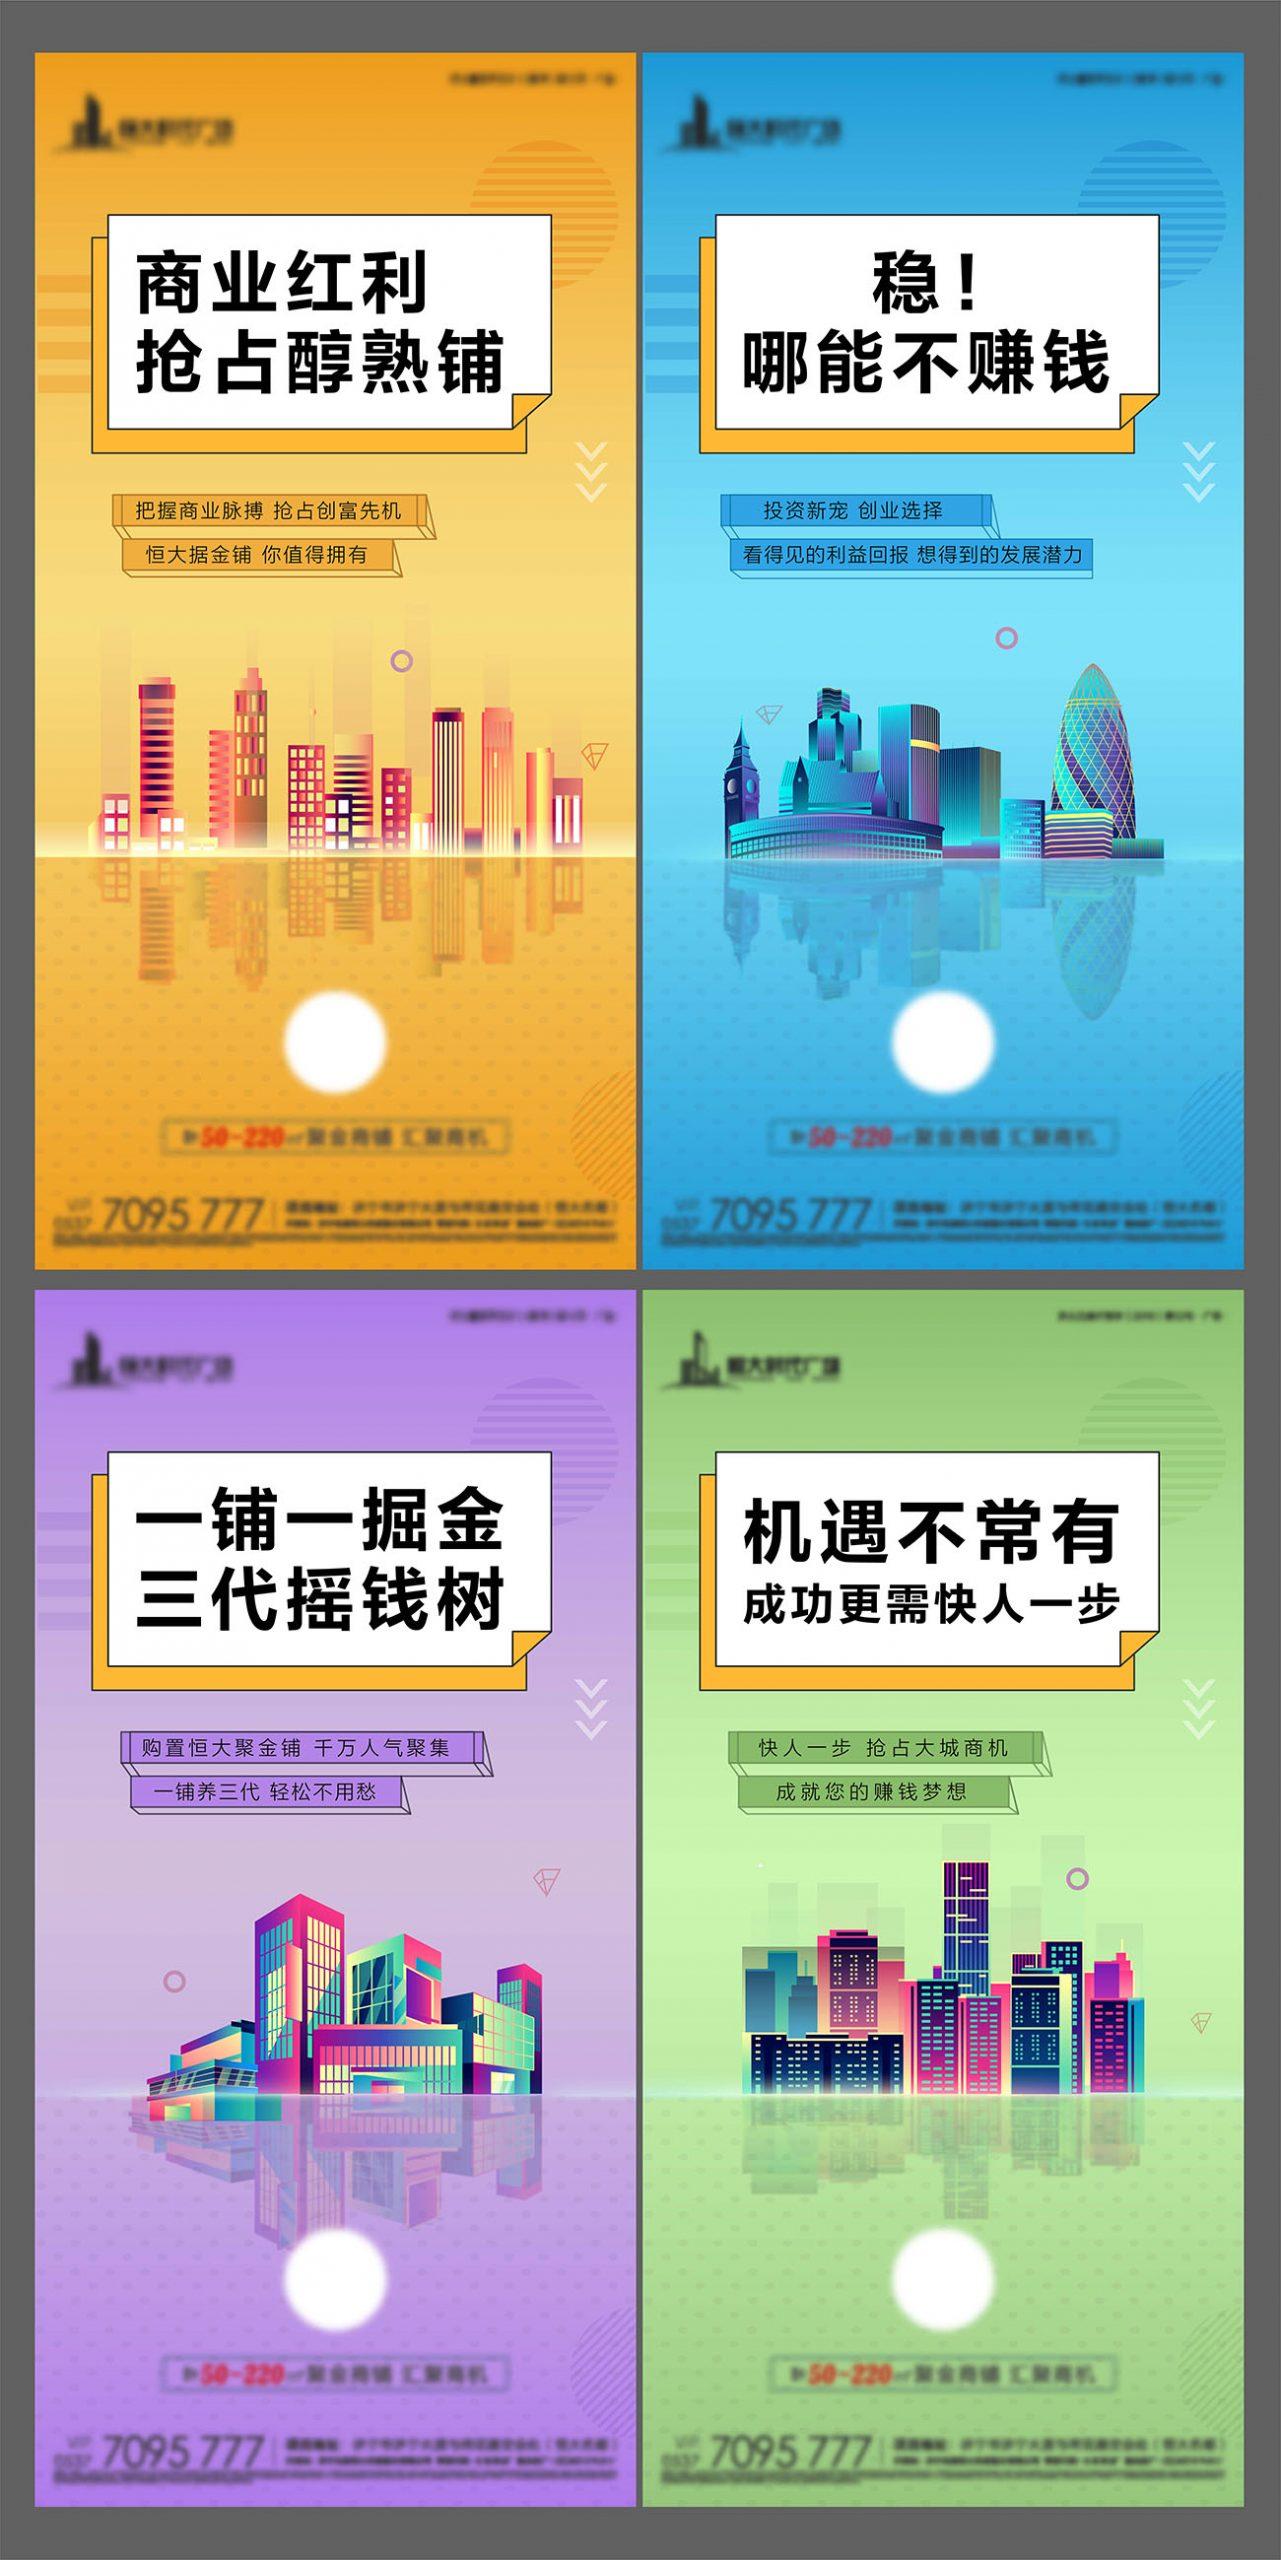 房地产商业商铺投资系列海报AI源文件插图